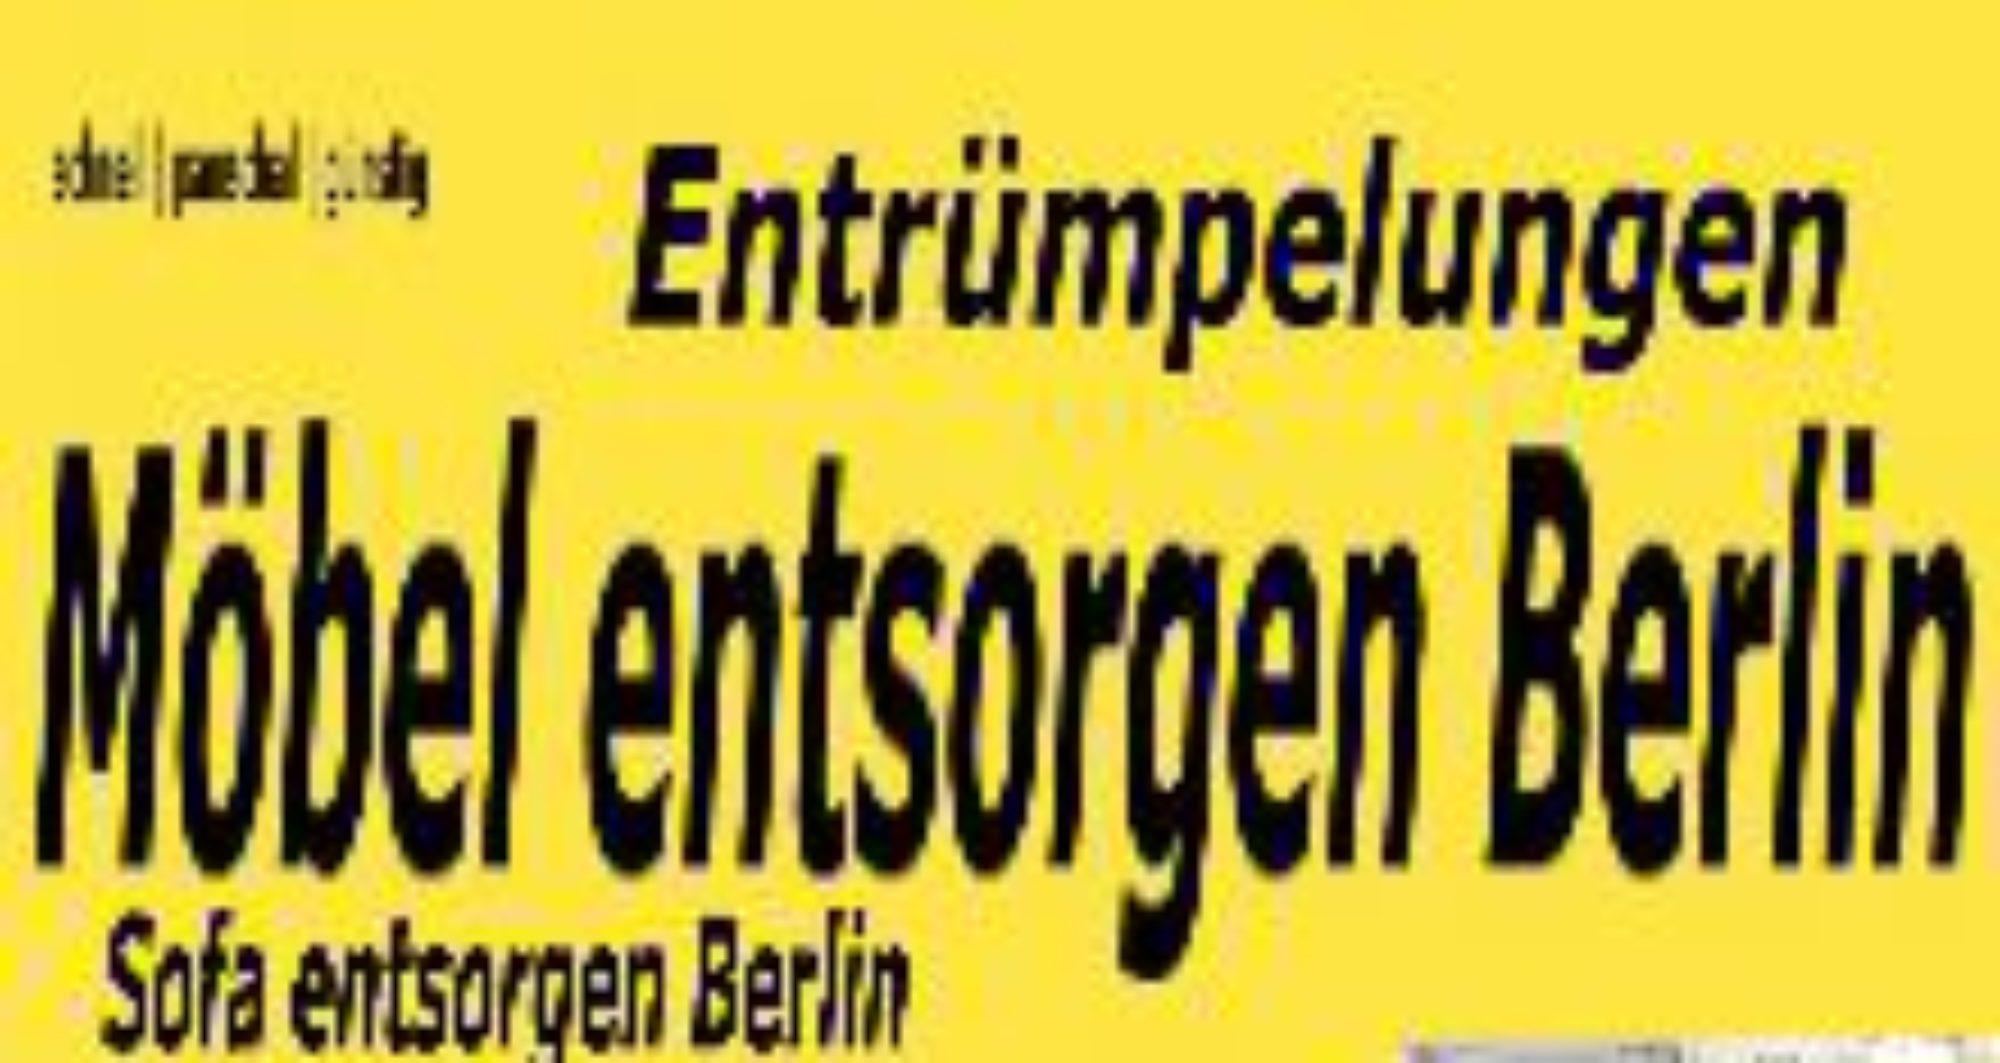 Entrümpelungen pauschal 80€ Berlin Schrank von Sperrmüll Entsorgung und Abholung preiswert Sperrmüll abholen entsorgen